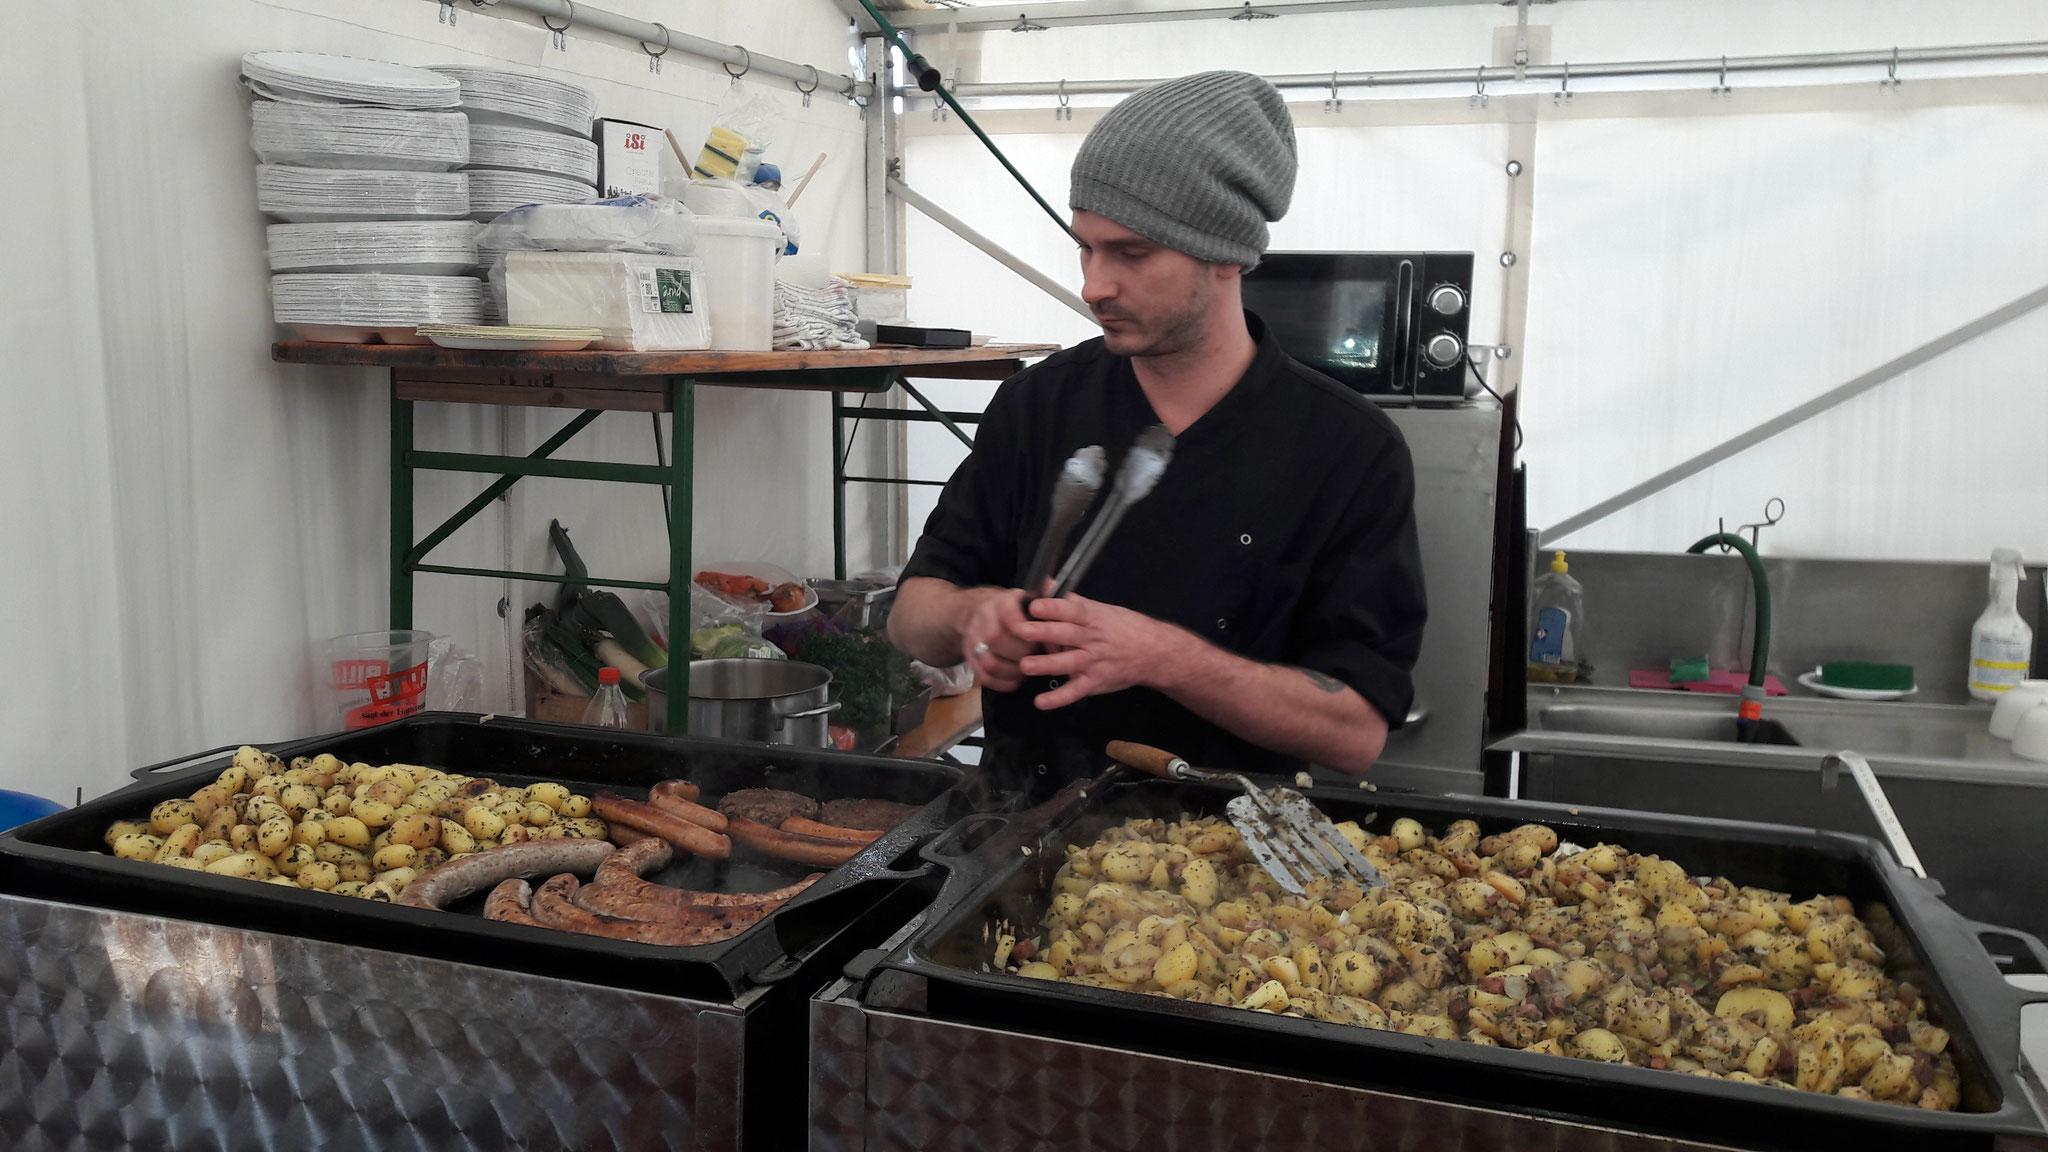 Bierbratwürste, Bierburger und Gröstl werden vorbereitet.